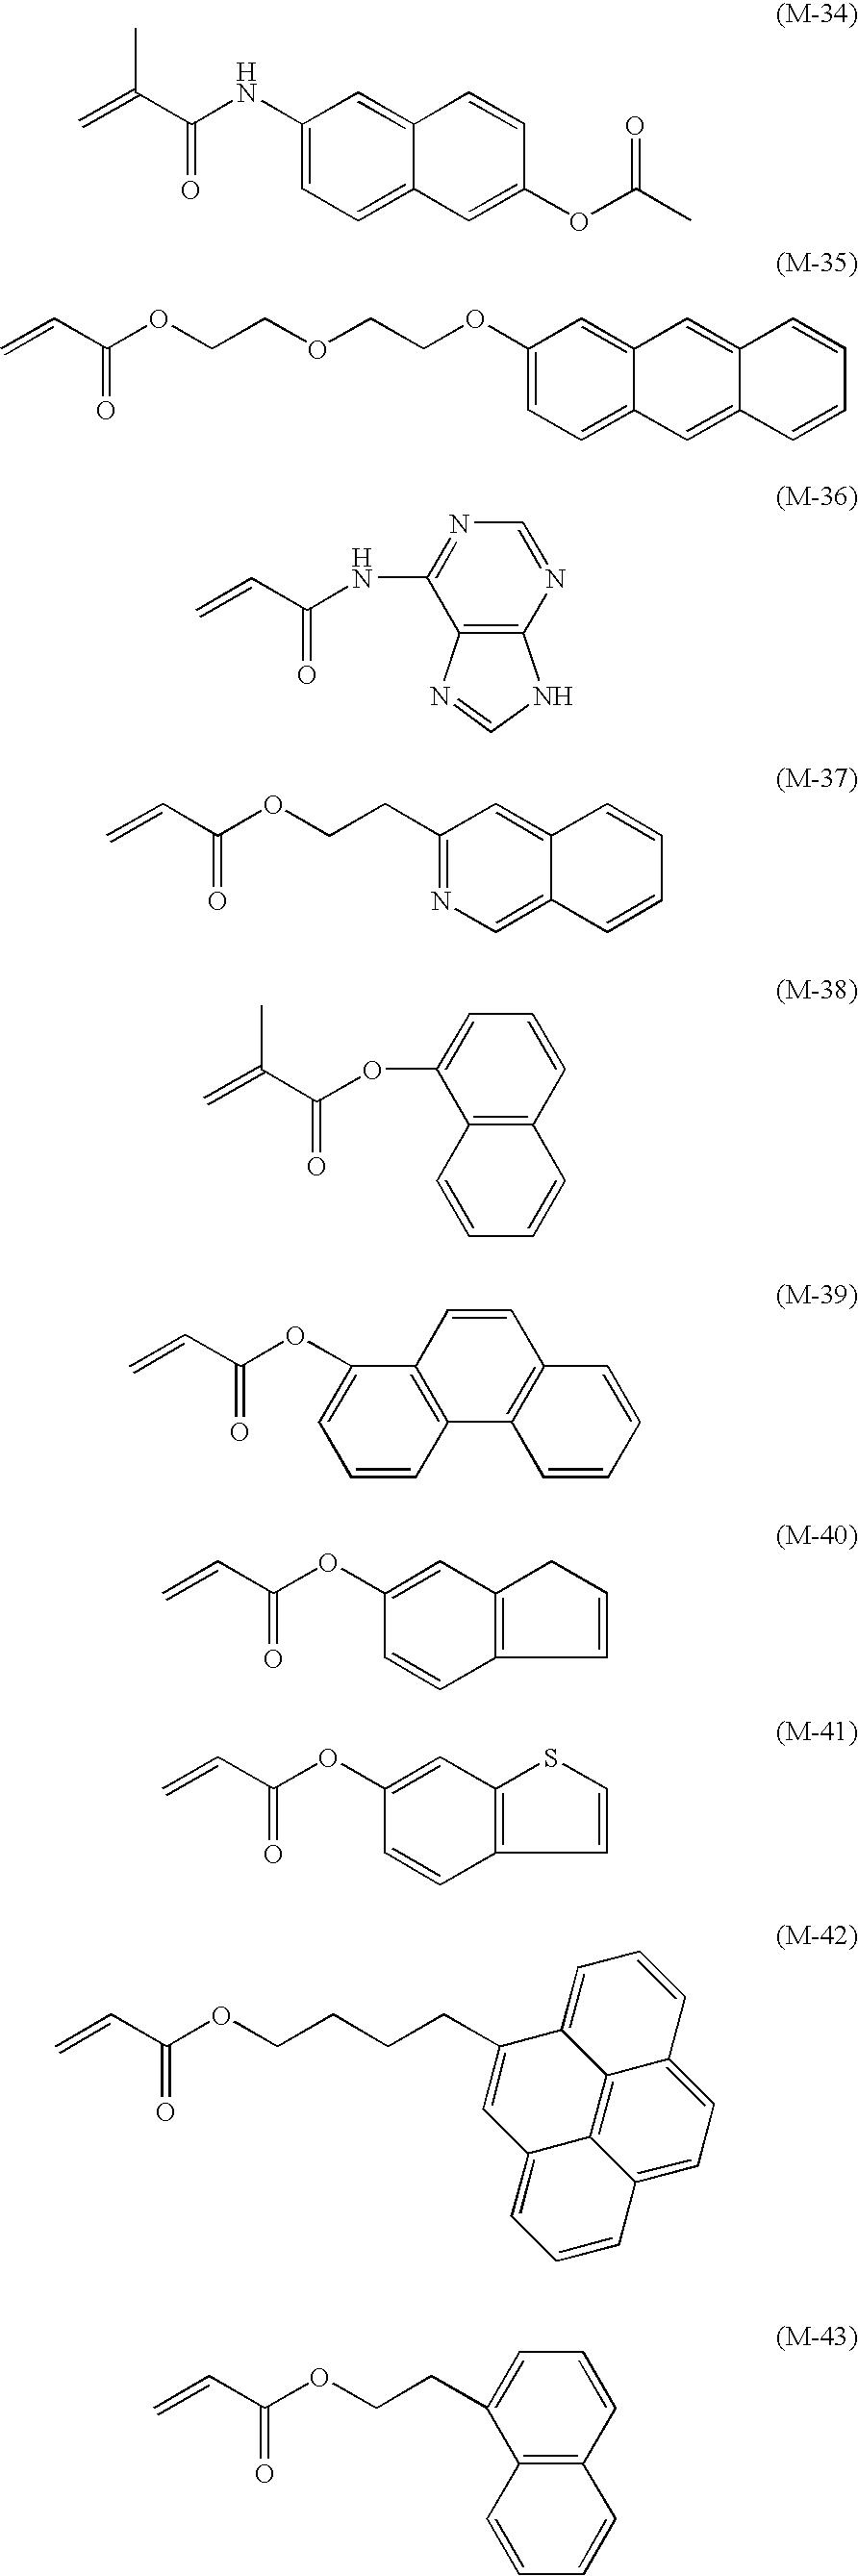 Figure US20090244116A1-20091001-C00012